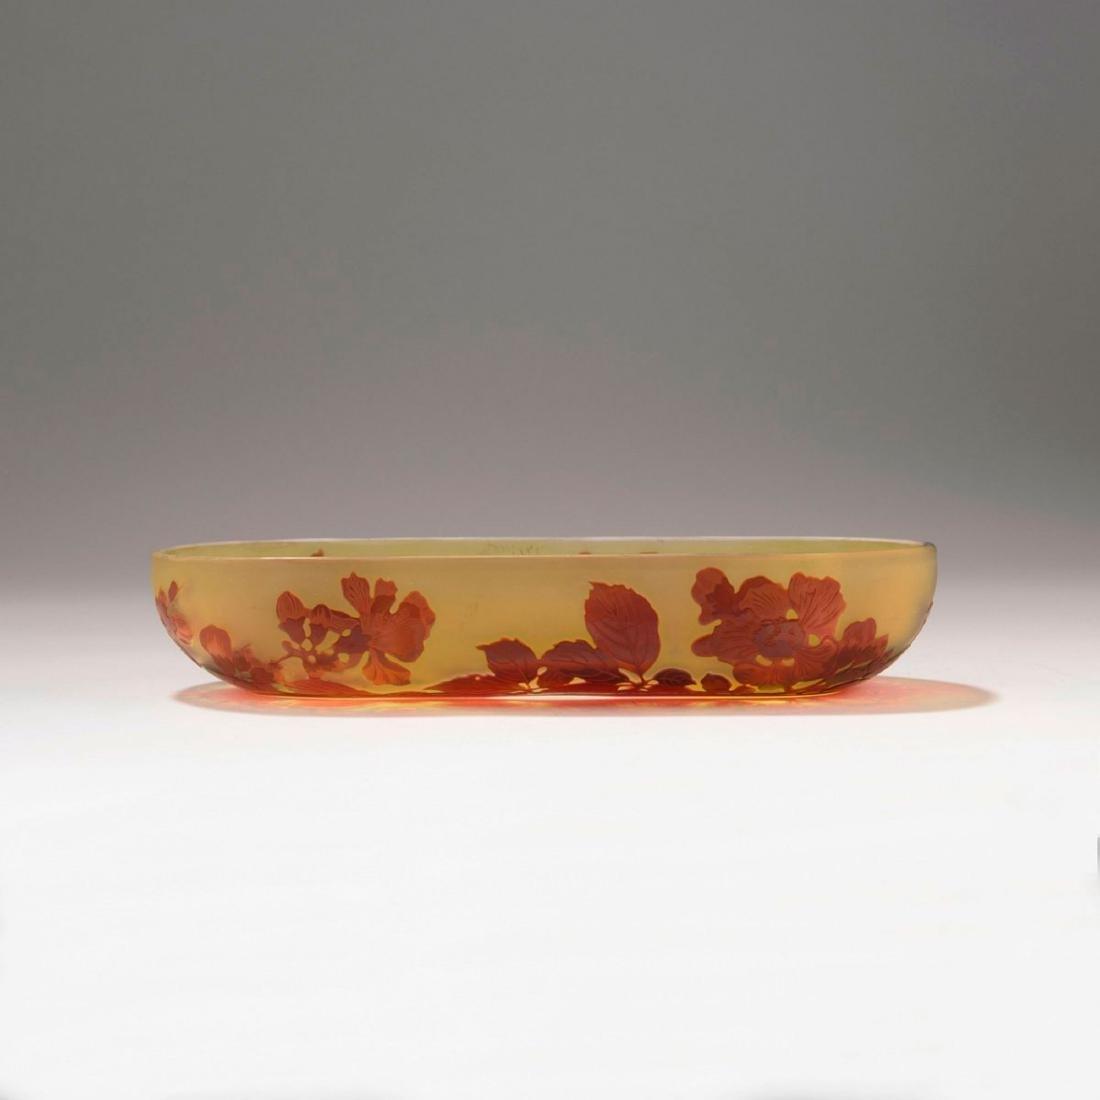 'Fleurs de Pommier' bowl, 1908-18